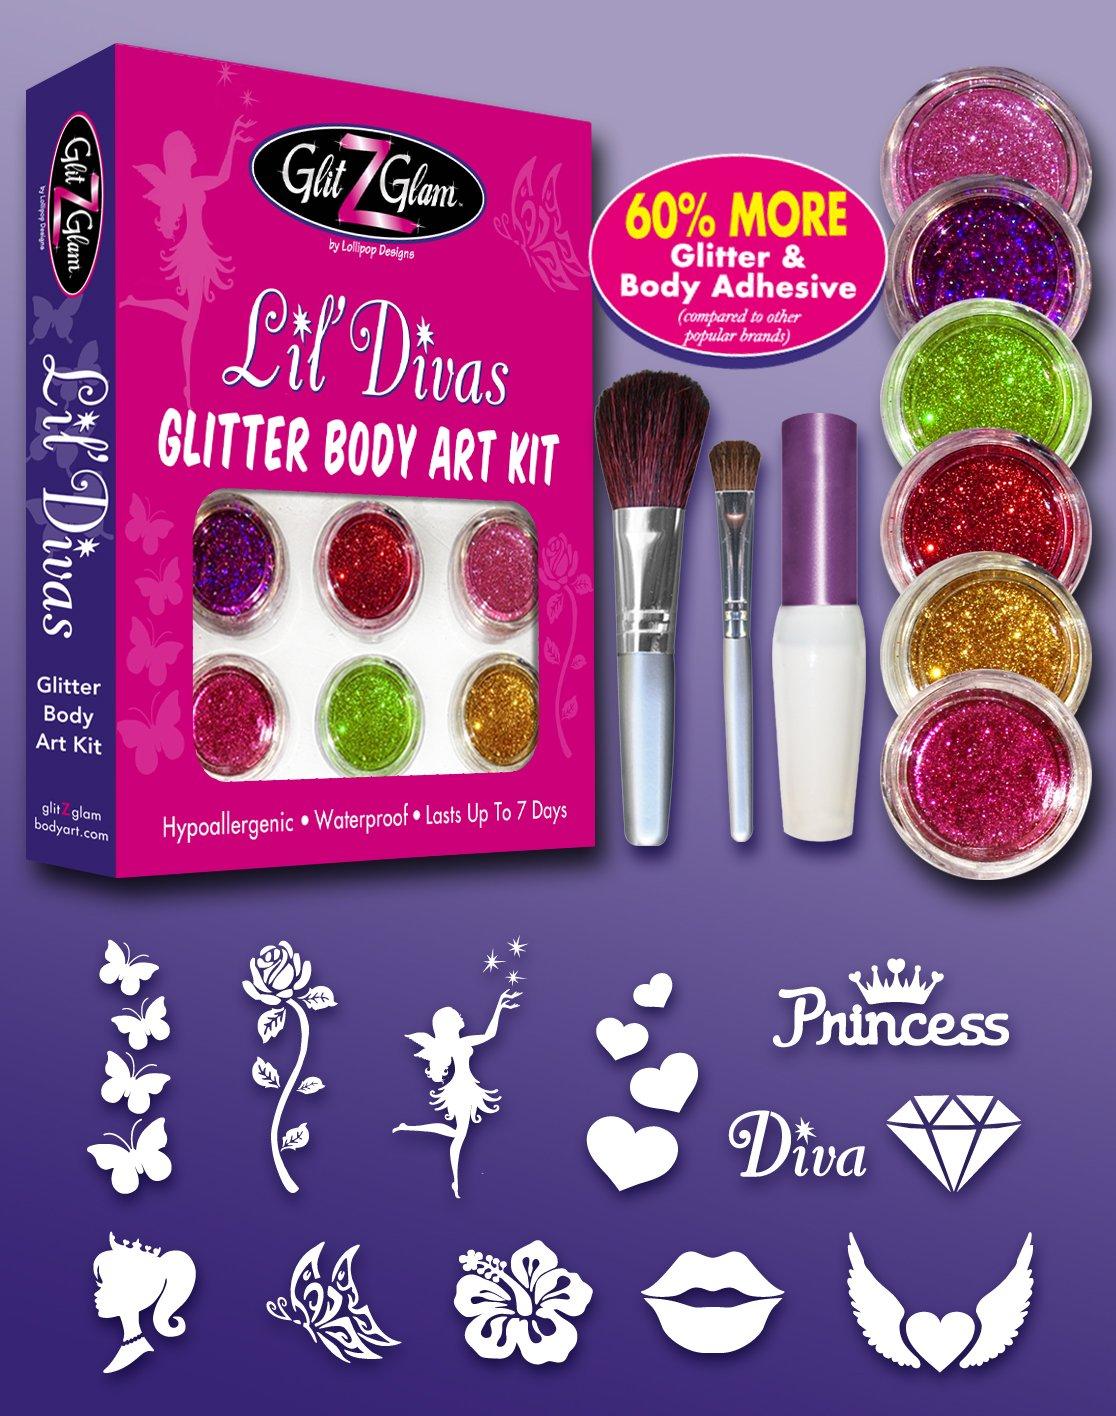 Kit de tatuajes con brillantina: Lil Divas con 6 brillantinas grandes y 12 plantillas para tatuajes temporales reutilizables GlitZGlam